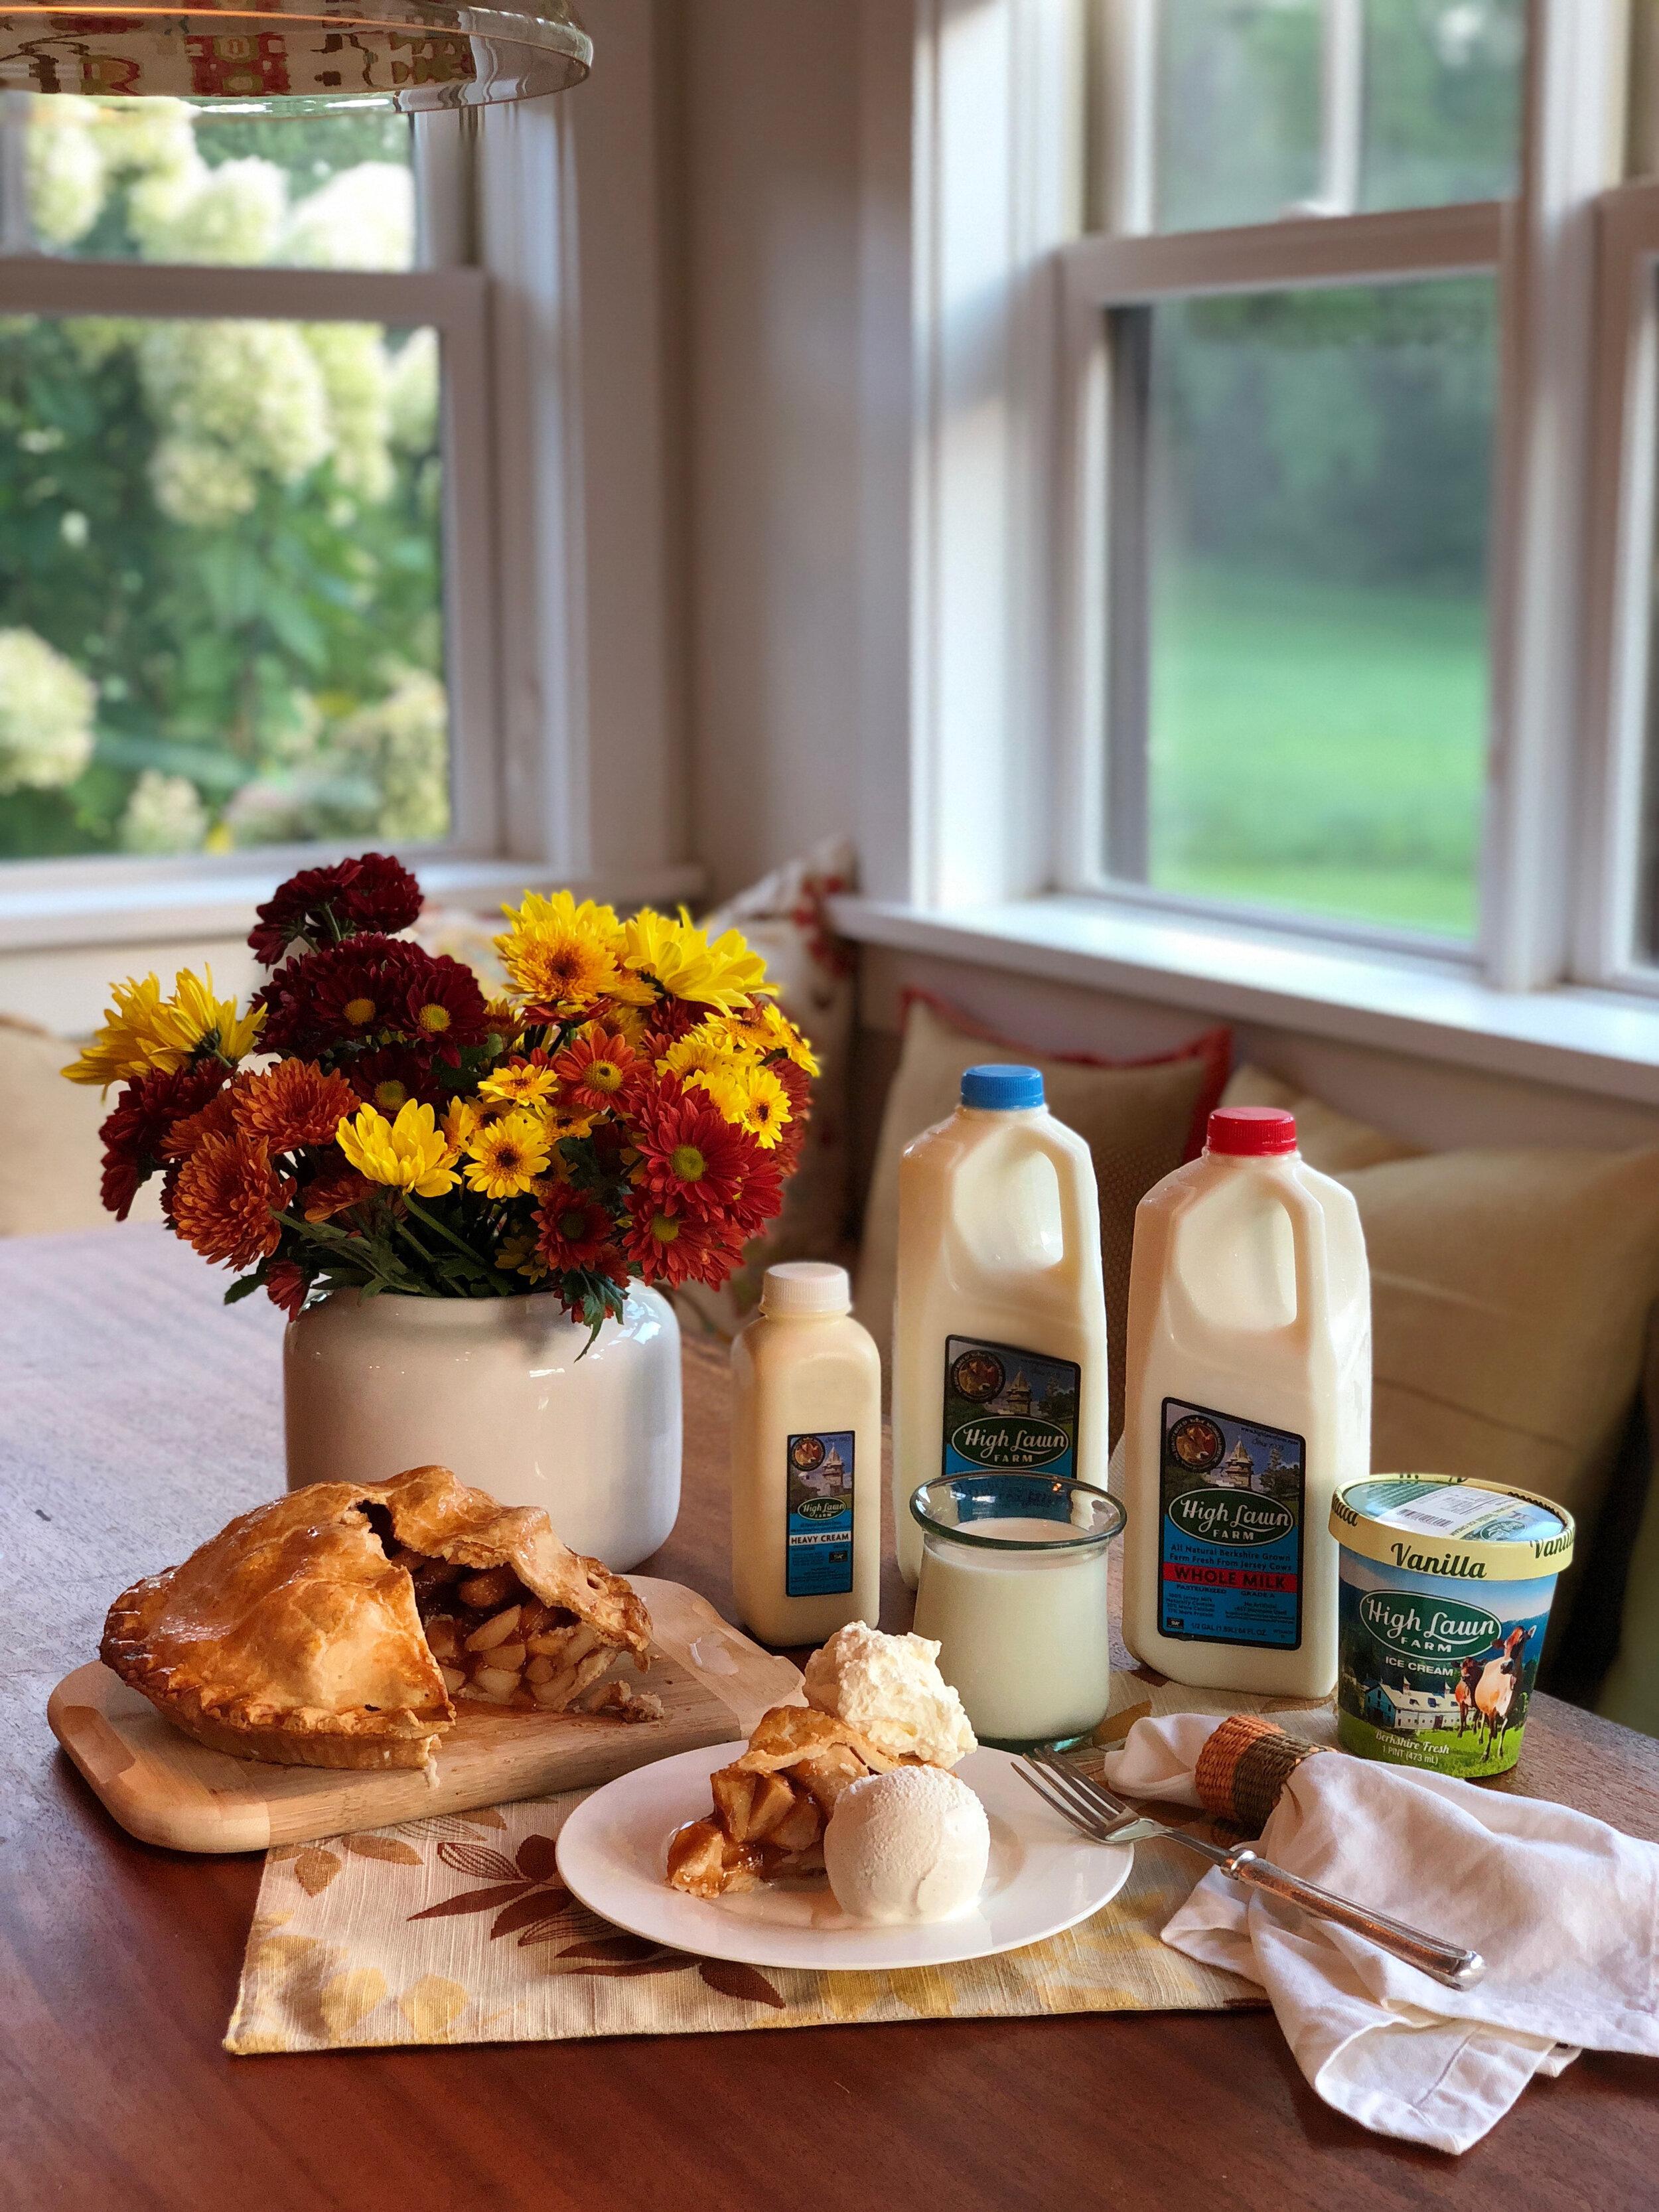 High Lawn Farm Fall Spread Apple Pie.jpg